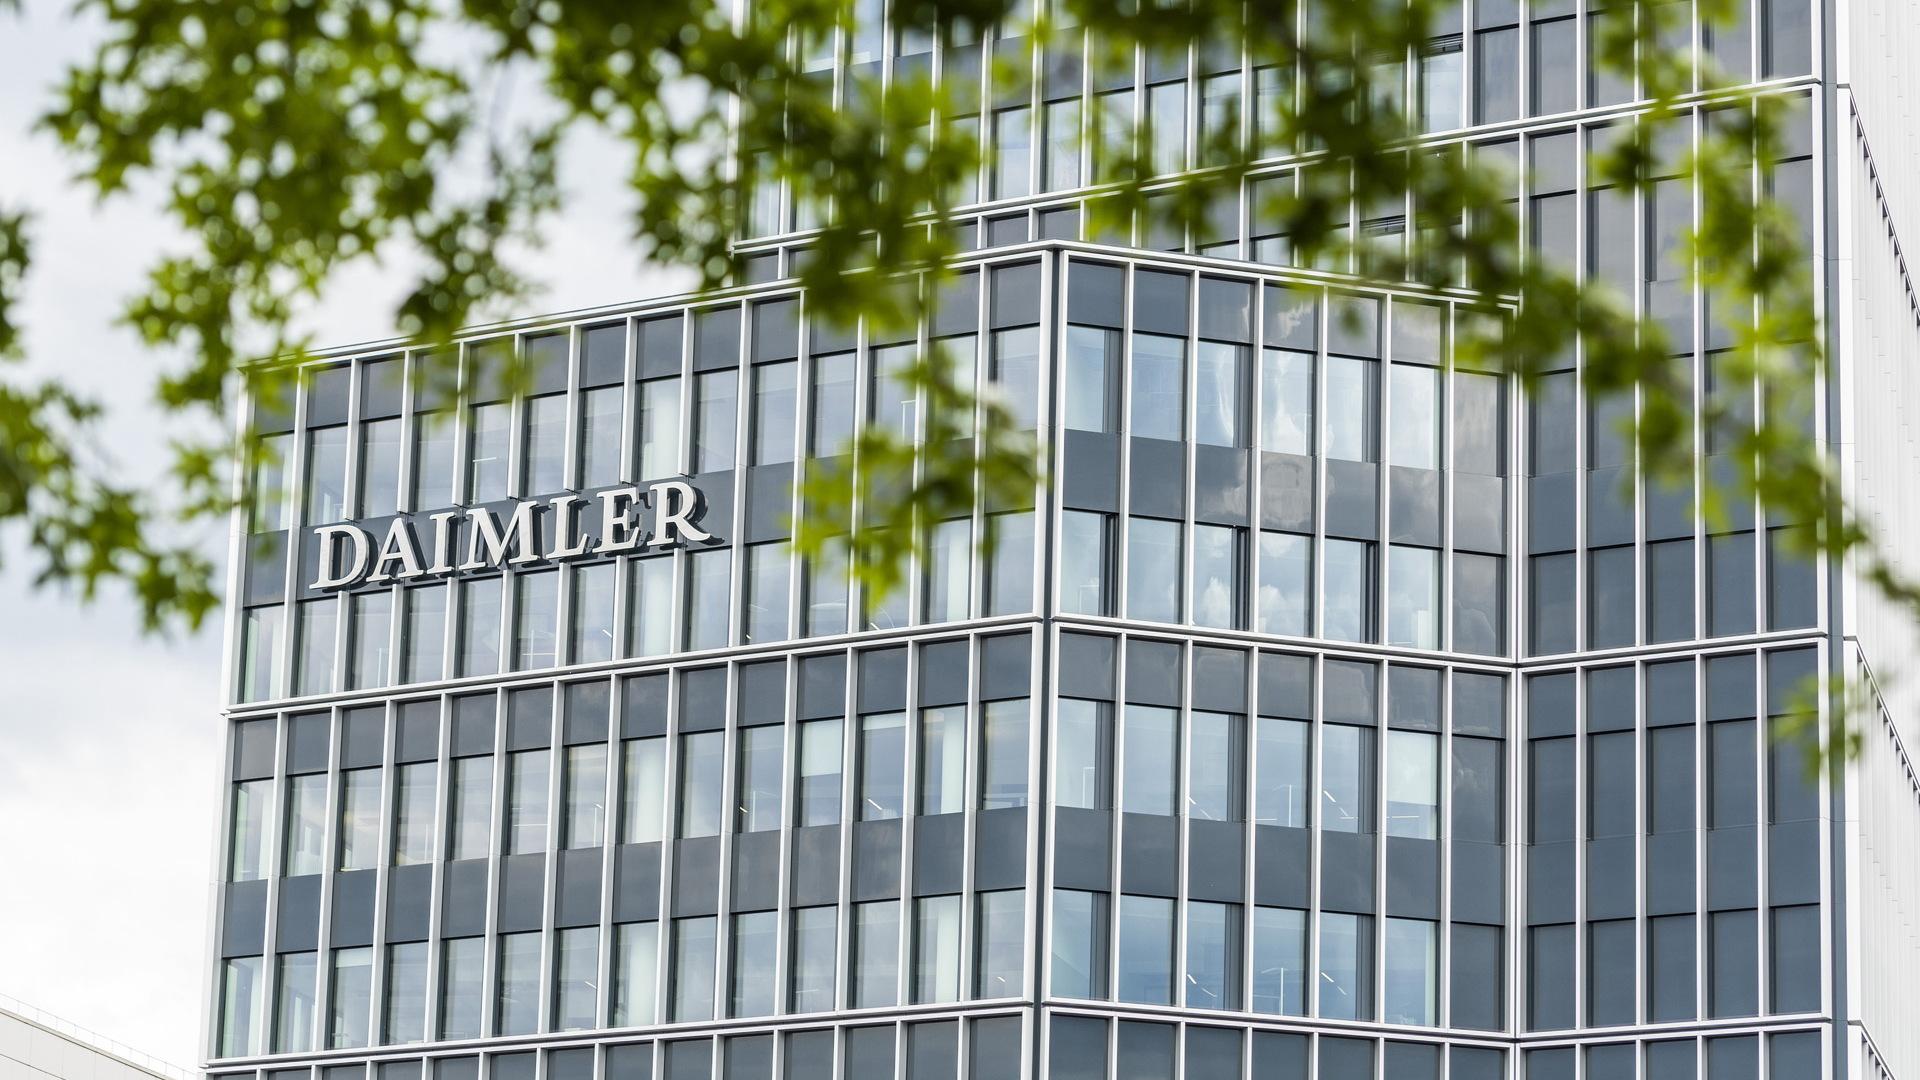 Daimler headquarters in Stuttgart, Germany